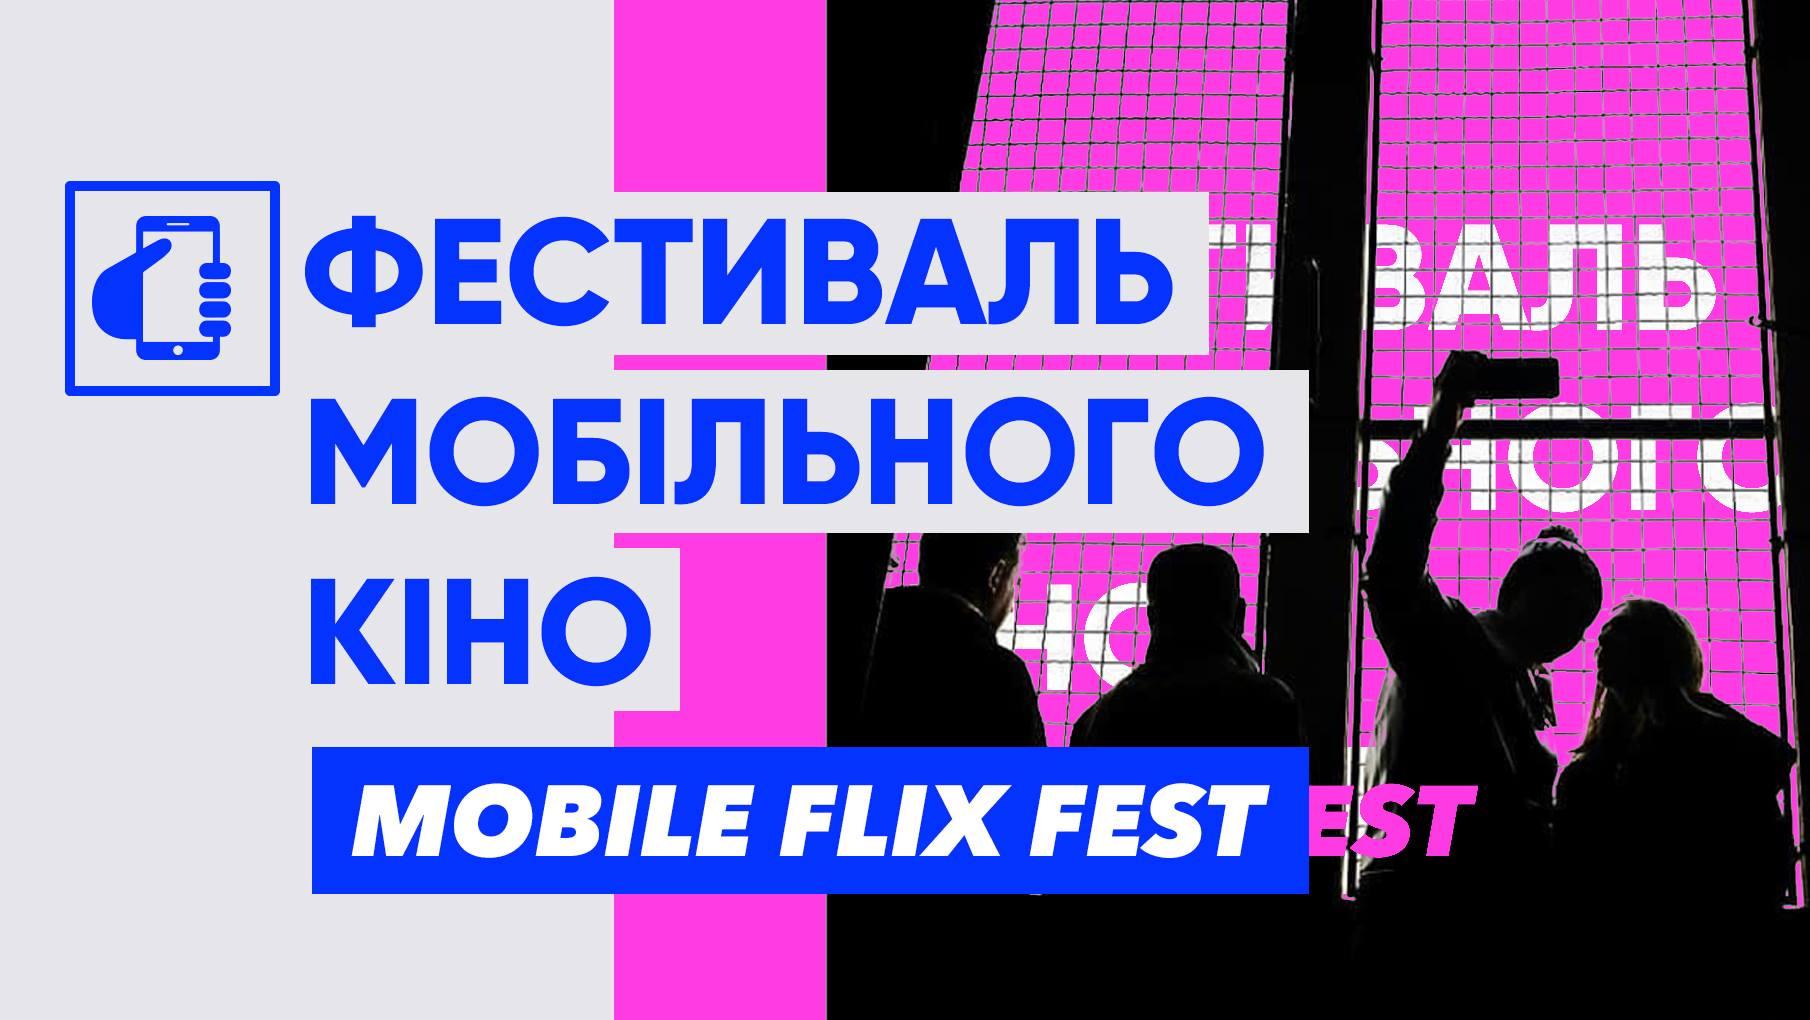 Фестиваль мобільного кіно Mobile Flix Fest 2018